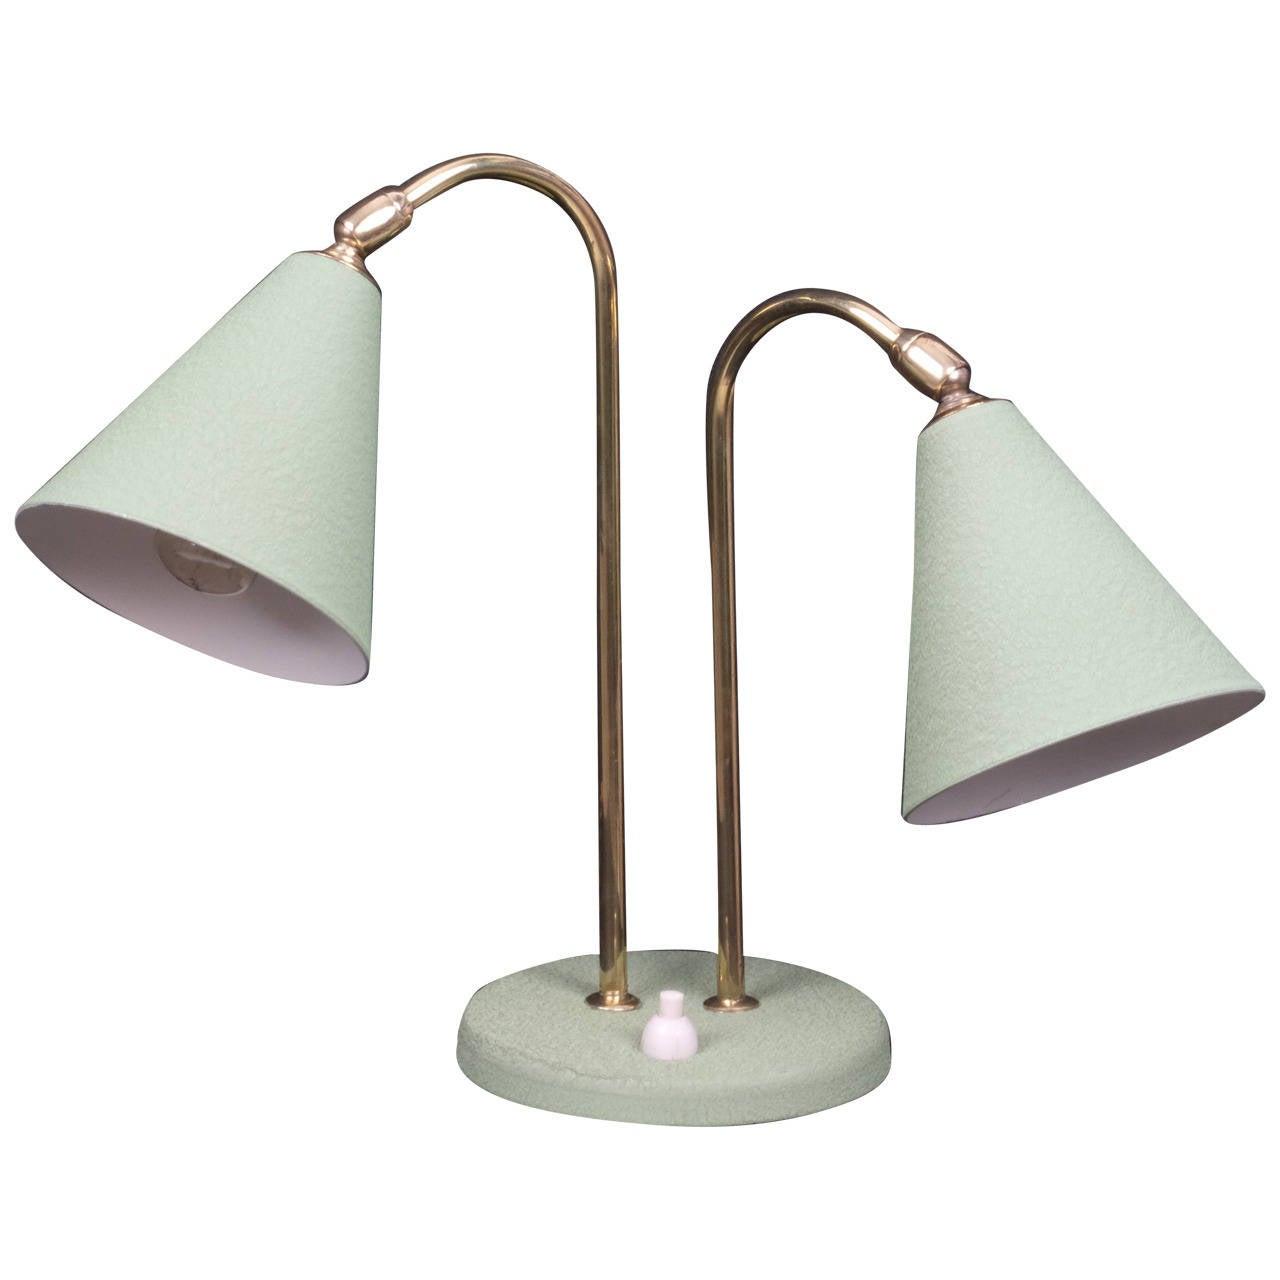 Arredoluce aluminium and brass desk lamp at 1stdibs for Arredo luce